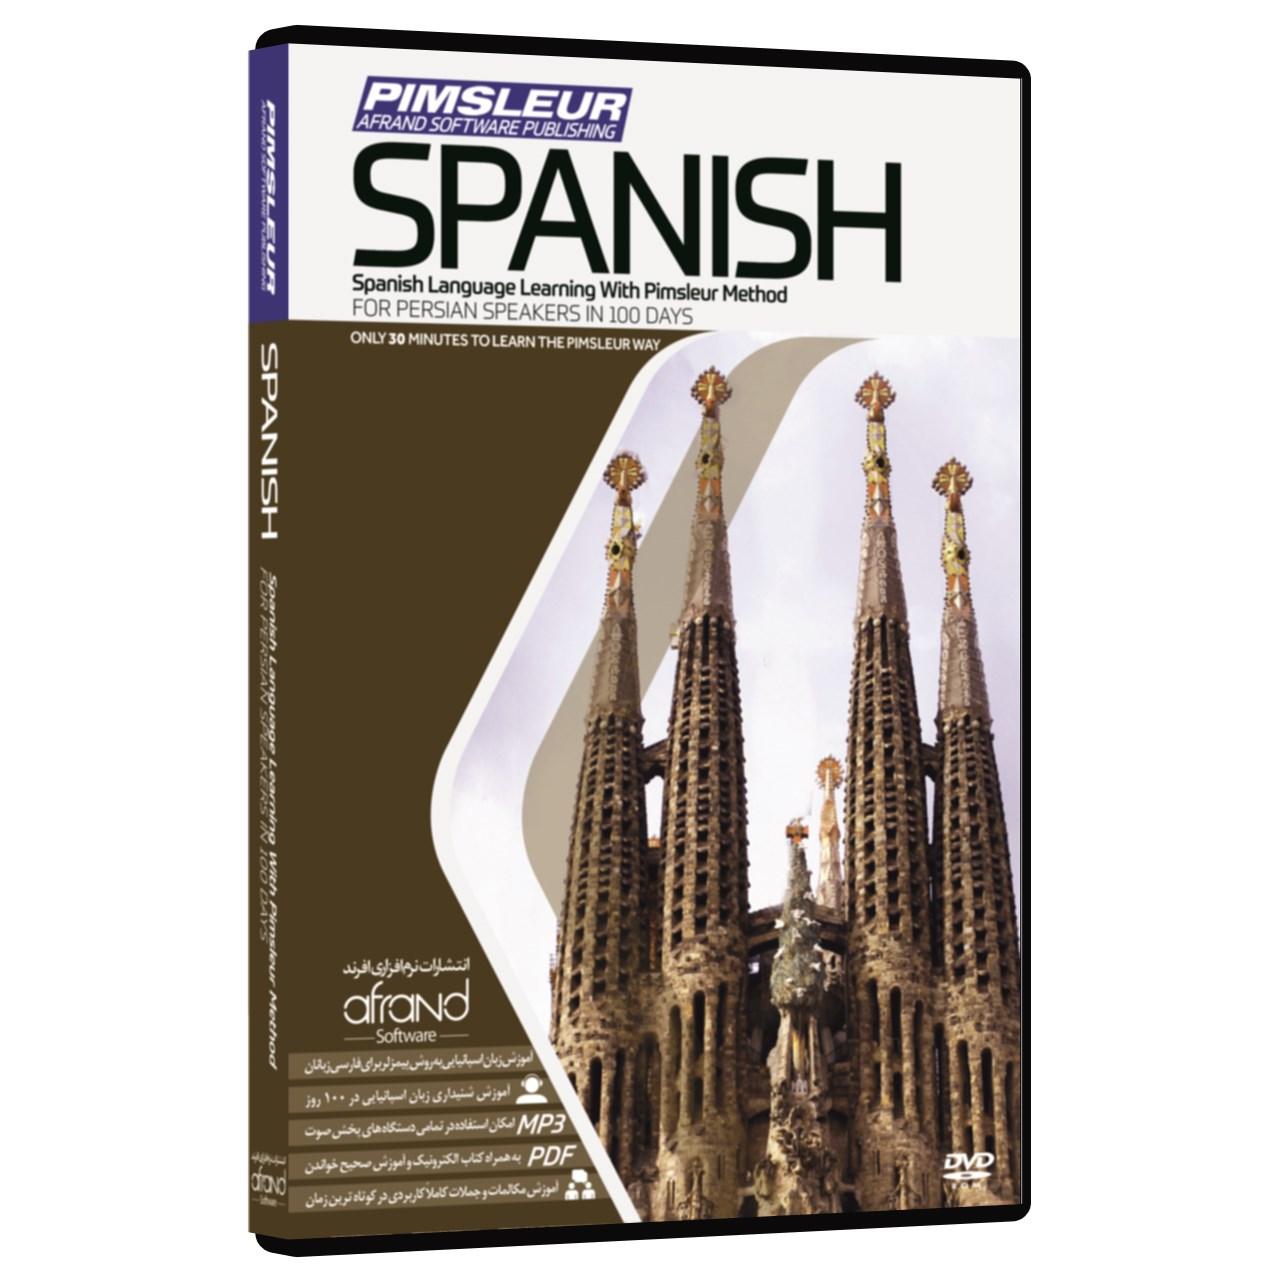 نرم افزار صوتی آموزش زبان اسپانیایی پیمزلِر انتشارات نرم افزاری افرند